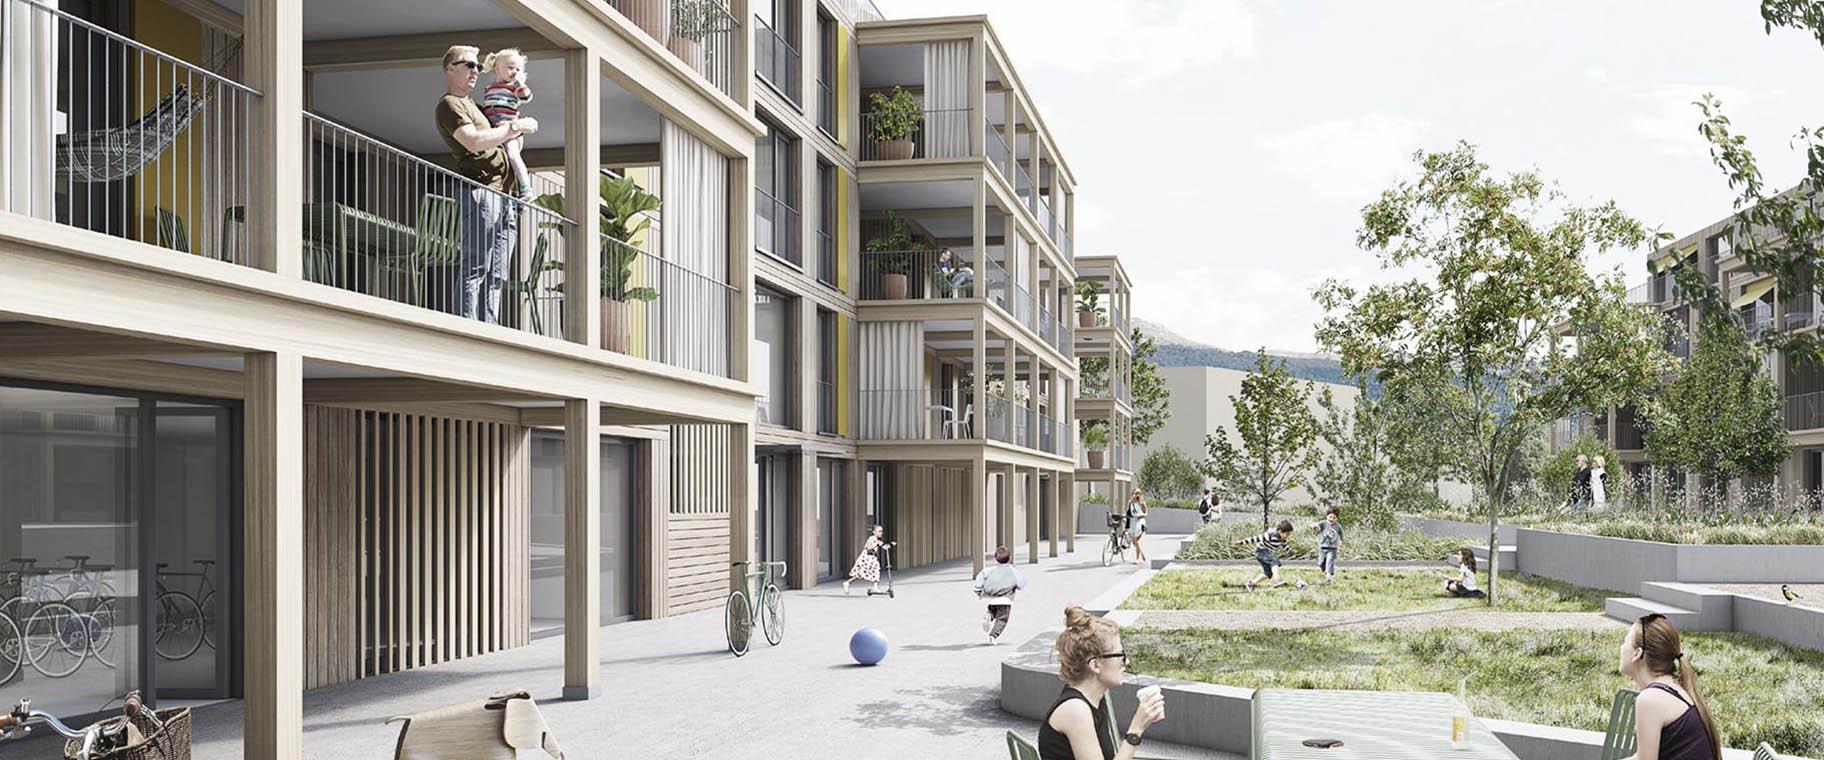 perpective-ecoquartier-echallens-record-crepon-est-codha-vimade-al30-architecture-paysage-cours-coopérative-terrasses-enfants-entete